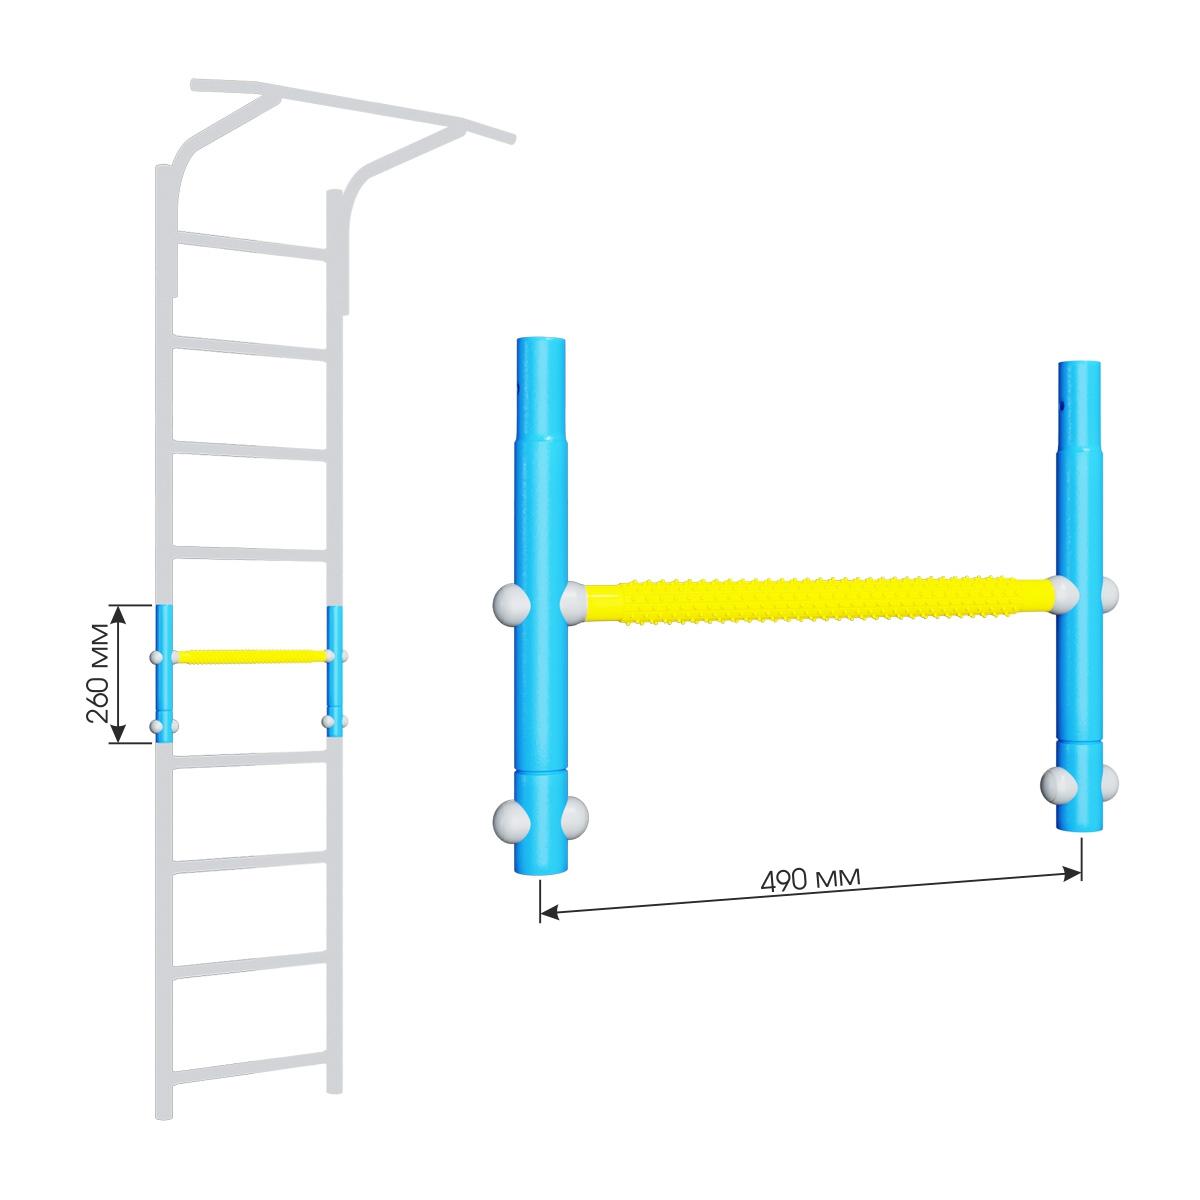 Вставка для увеличения высоты ДСКМ 490 Romana Dop9 (6.06.01) голубой/жёлтый